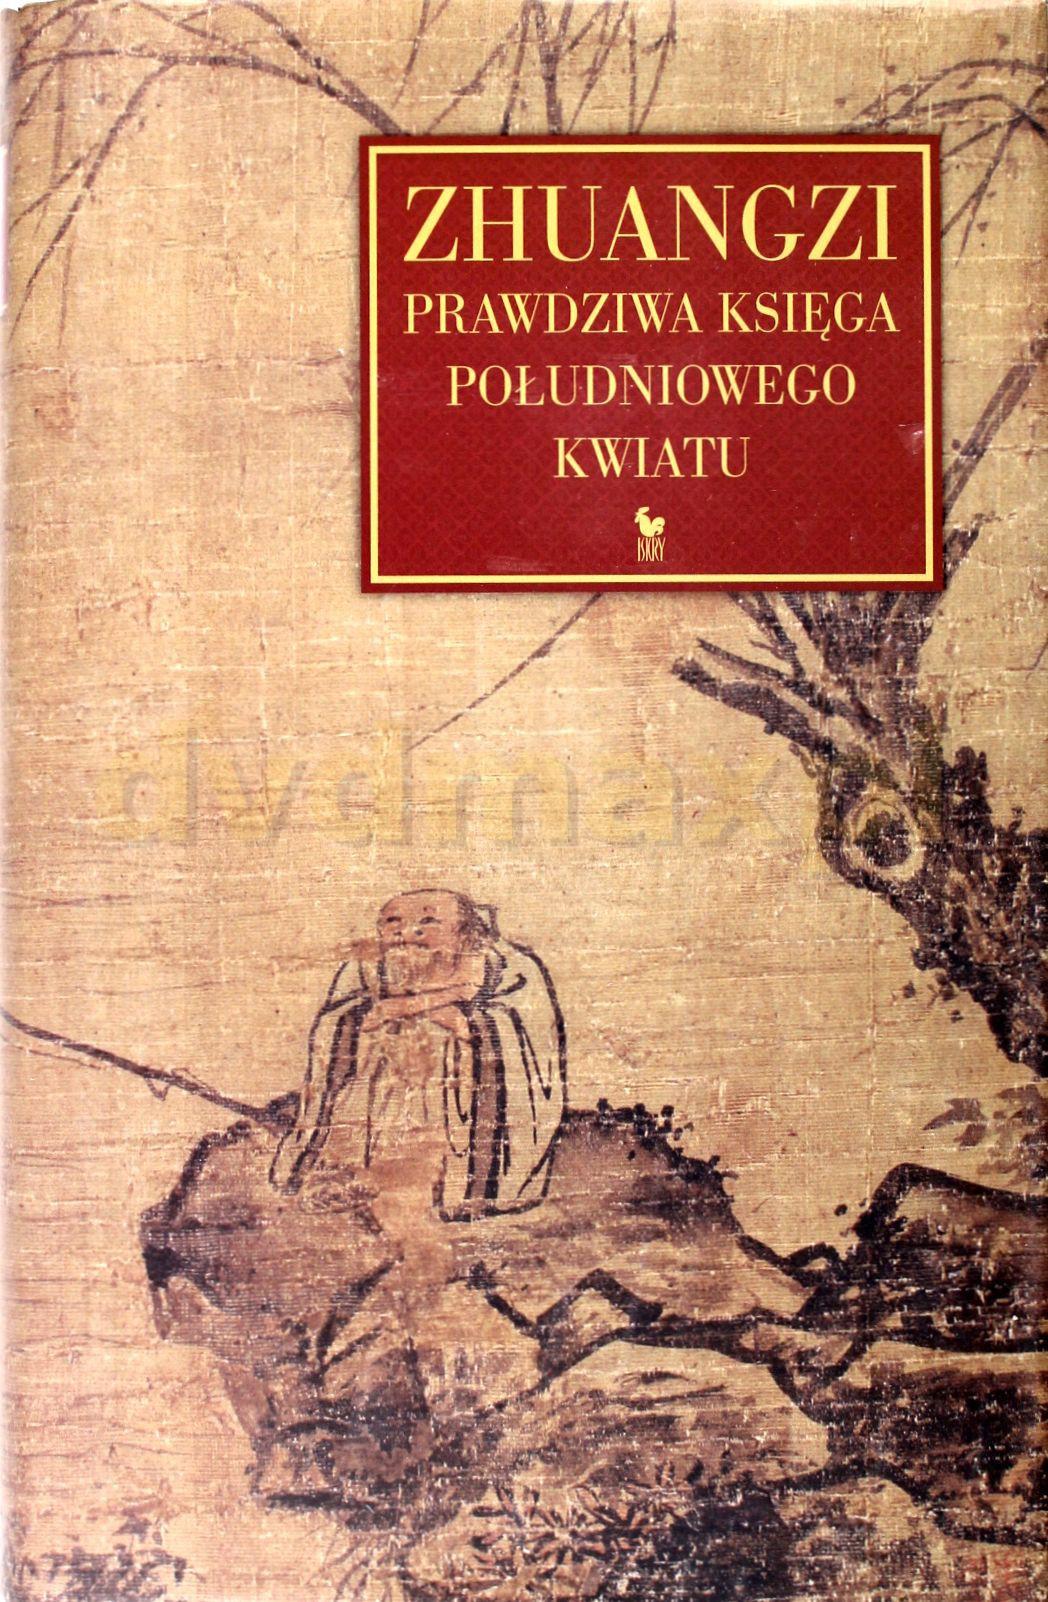 Zhuangzi. Prawdziwa Księga Południowego Kwiatu - Zhuangzi [KSIĄŻKA] - Zhuangzi